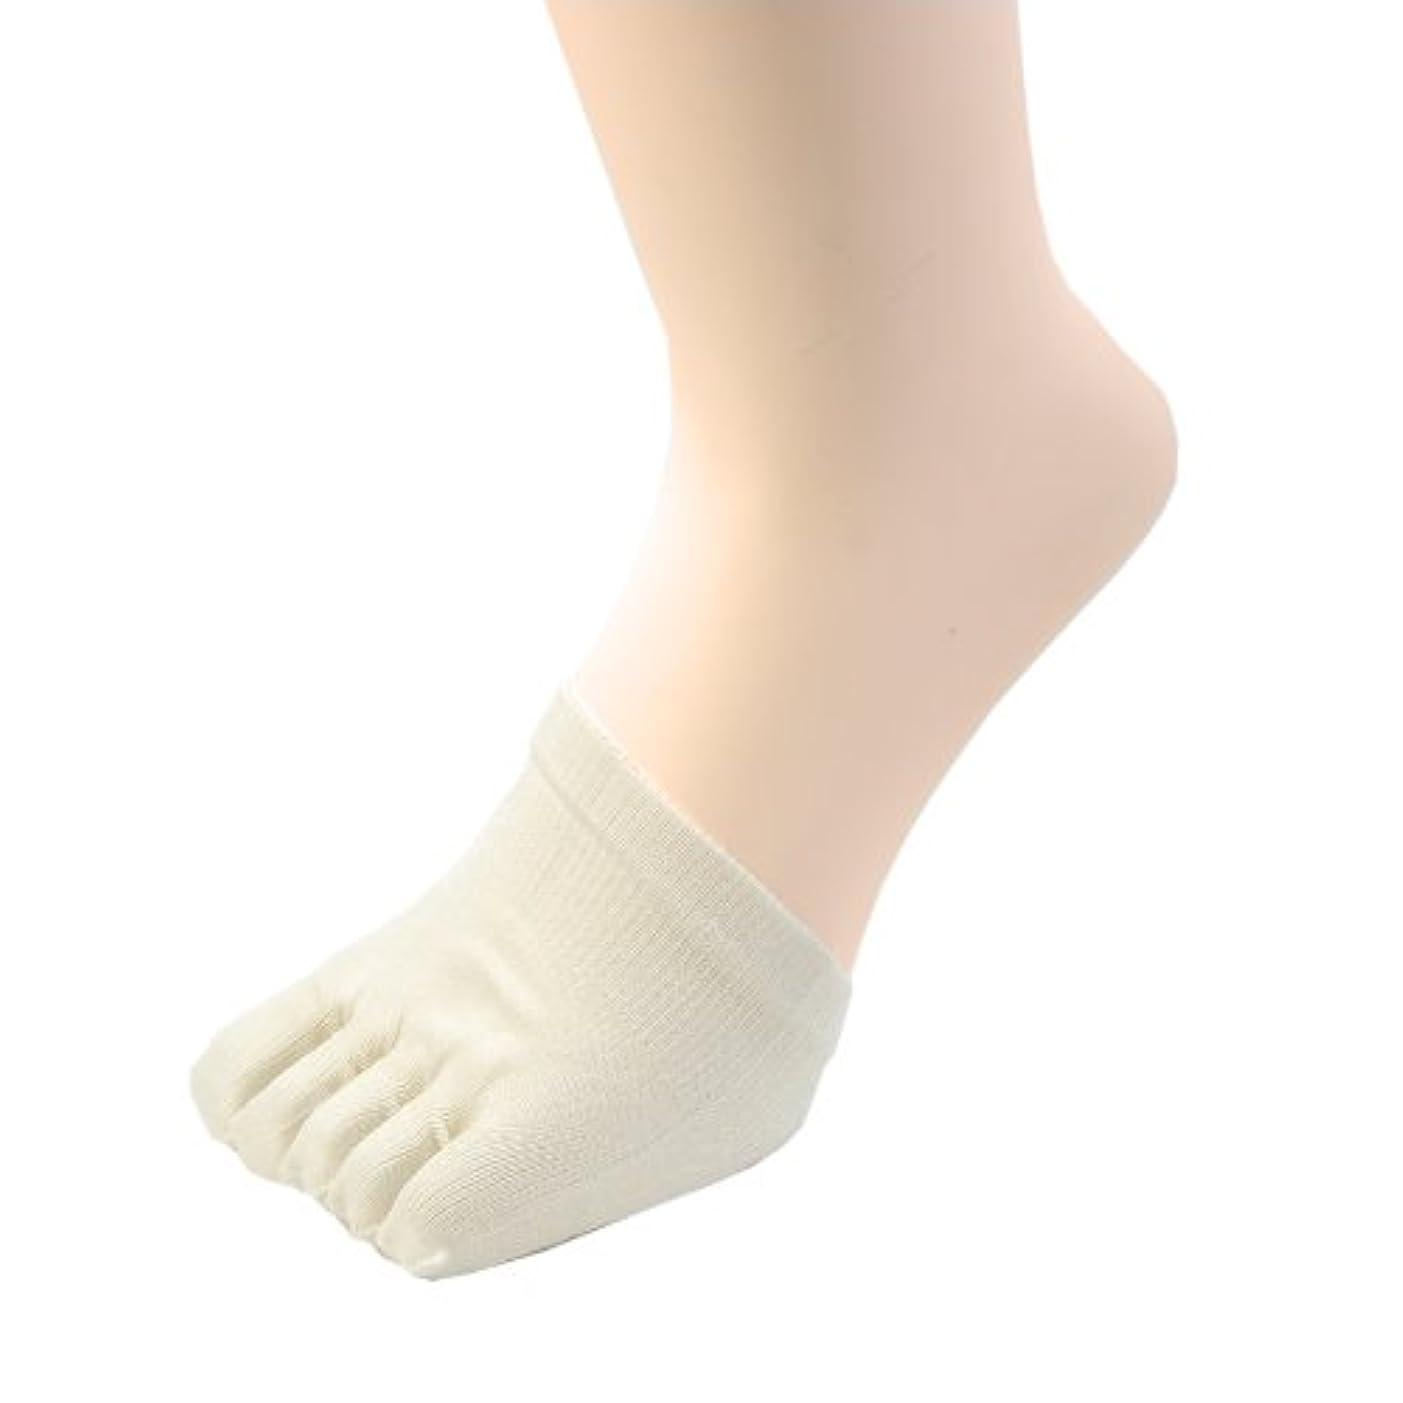 長椅子ネクタイラフ冷えとり 絹 ( シルク )100% ハーフ 5本指 下履き (クツしたイン) ソックス 着圧健康ソックスの必需品! 2足組 #685